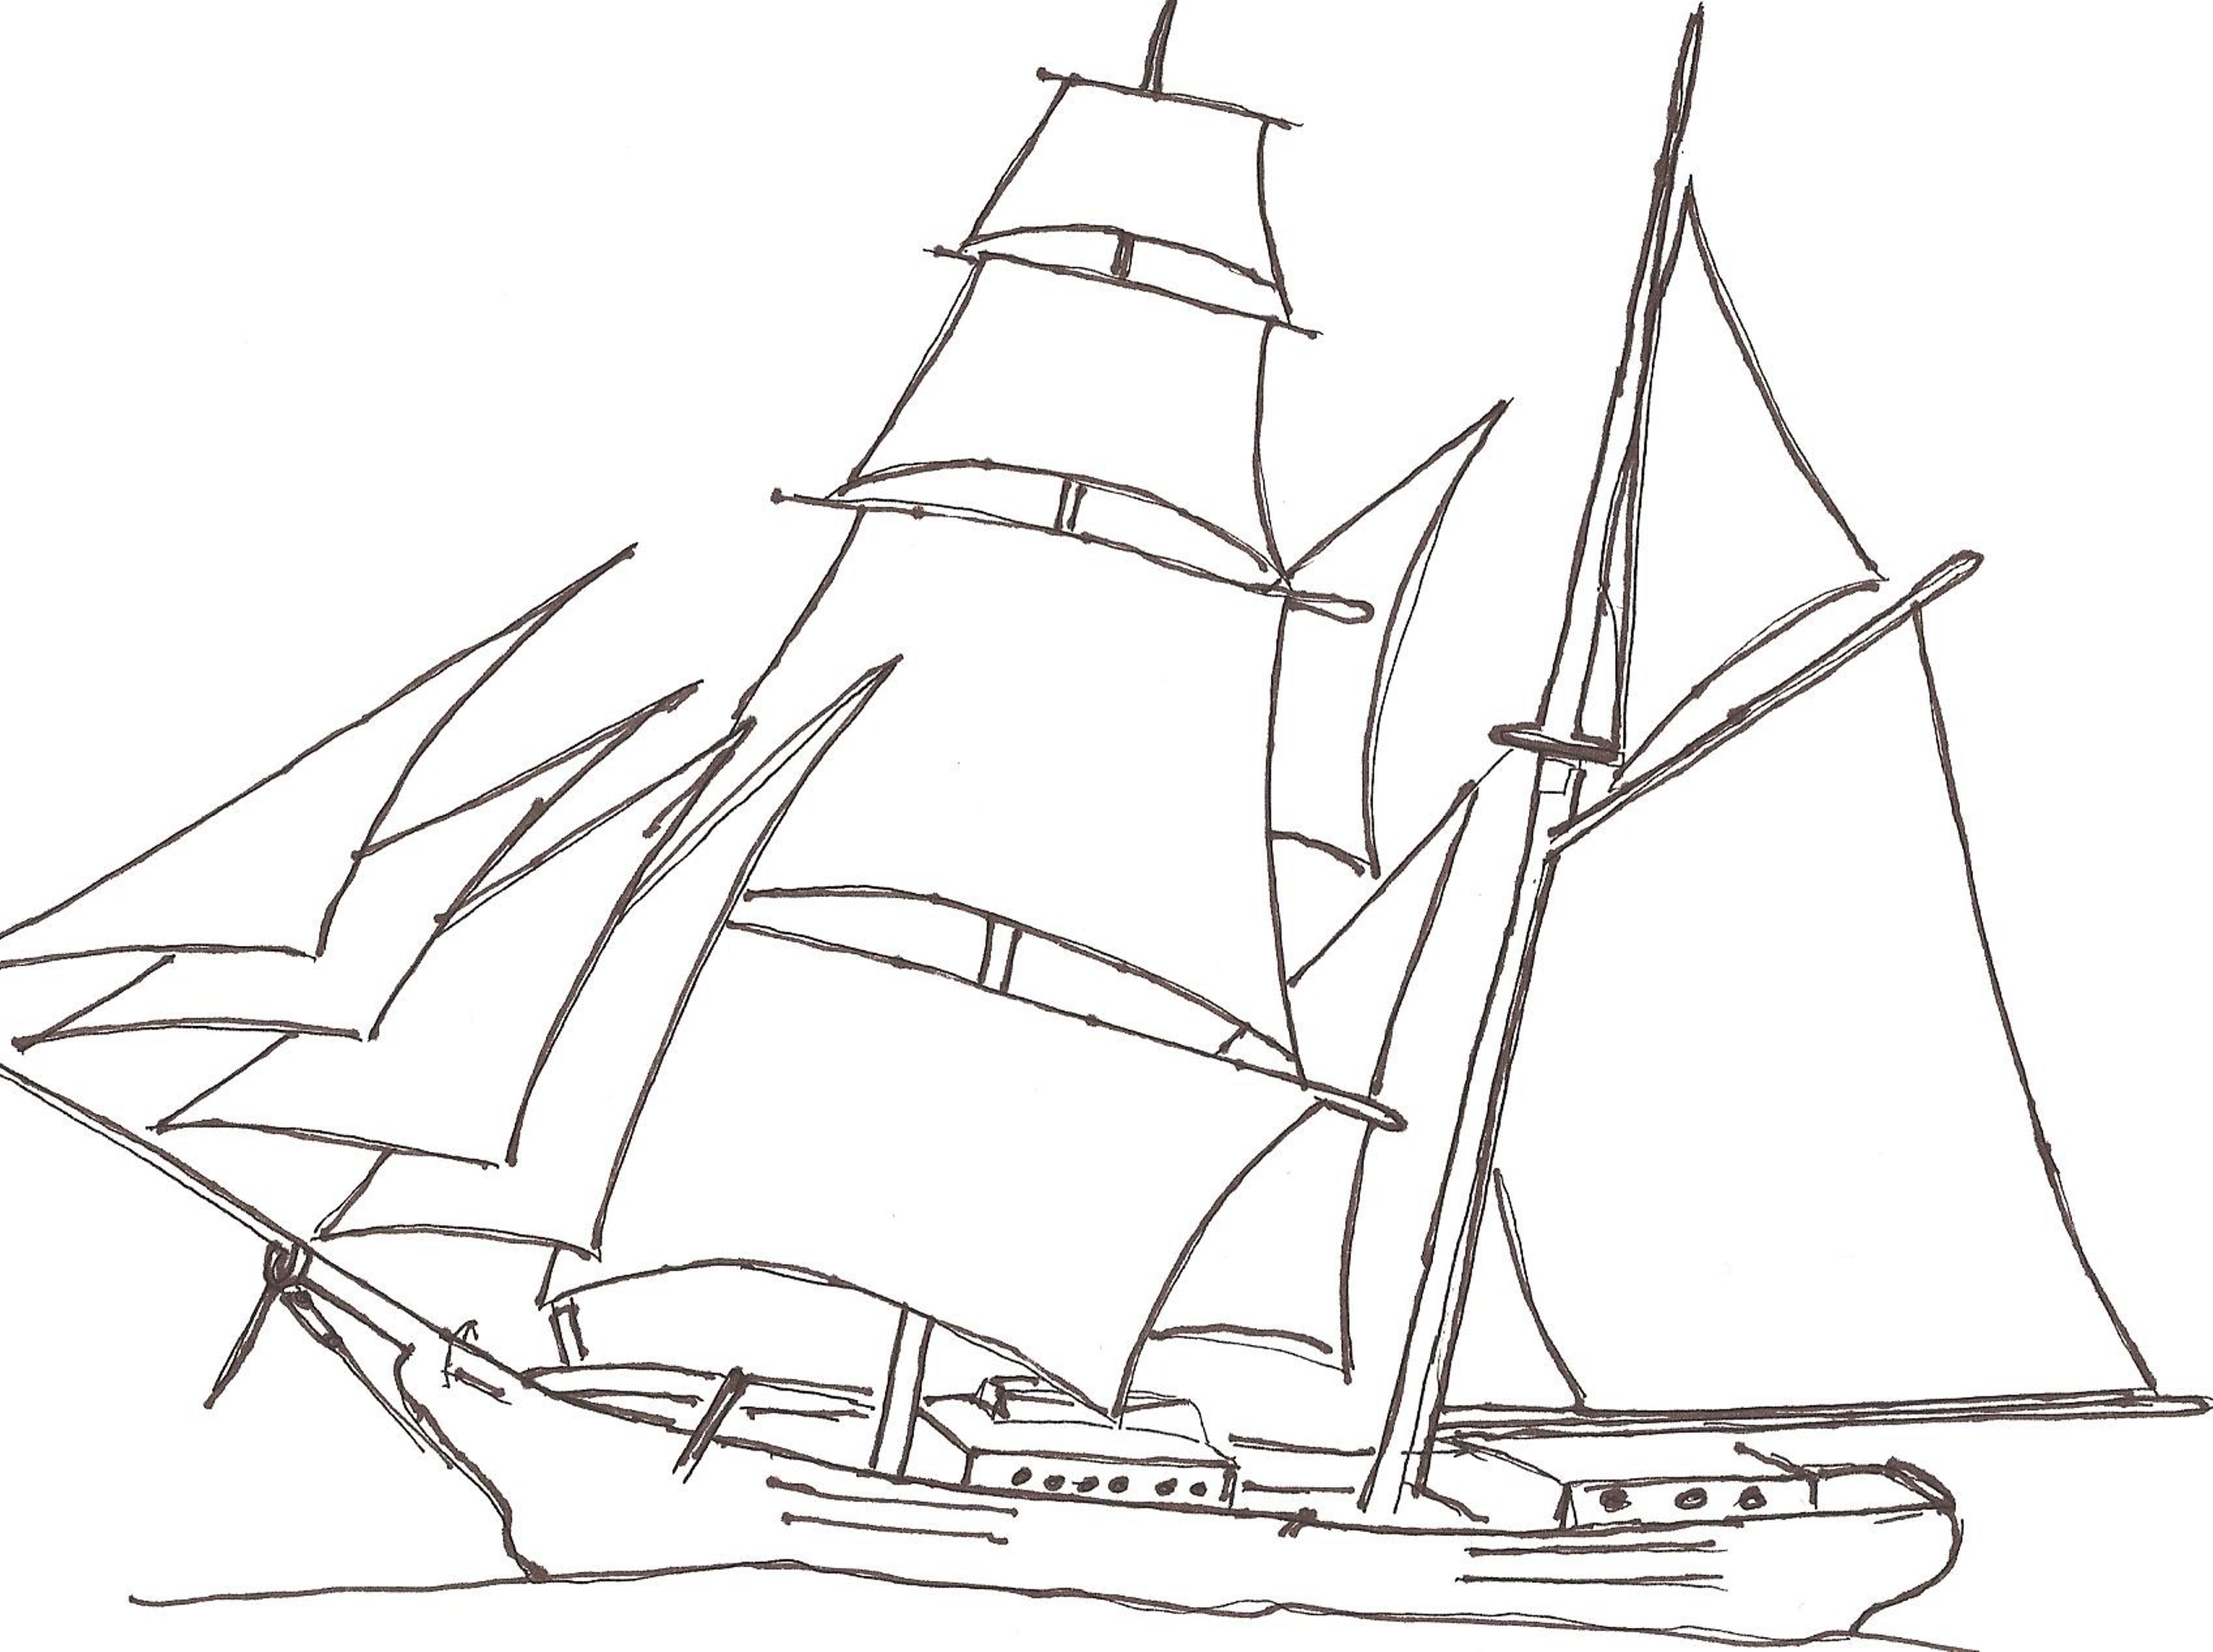 3394x2534 Pin Drawn Ship Tall Ship 3. Drawing Ships 1. Galleon Sail Ship